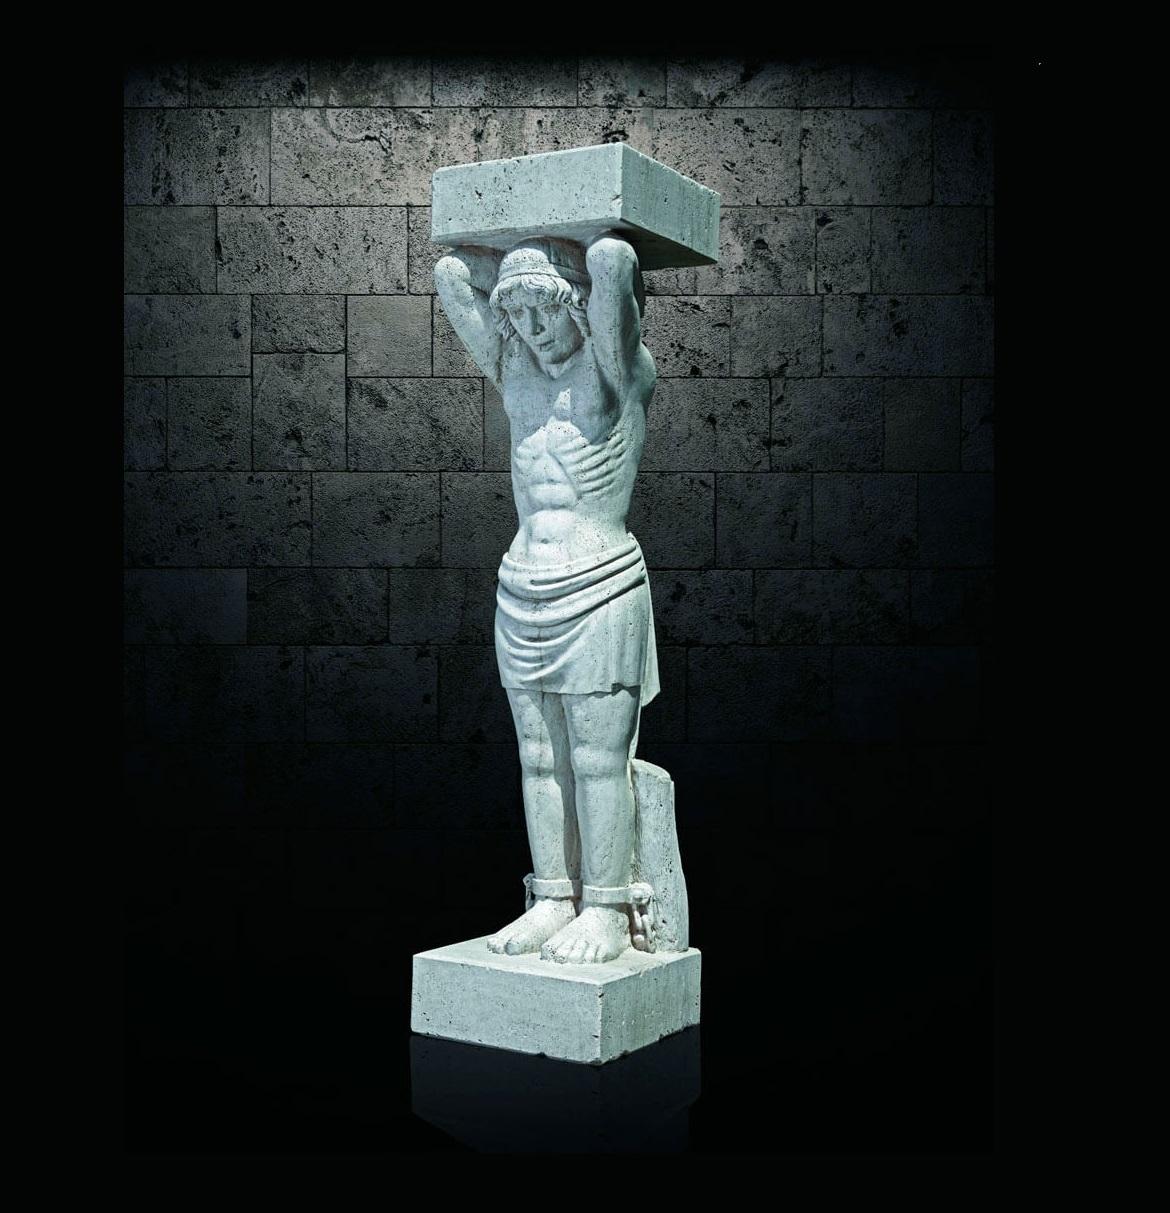 مجسمه سنگی - st223